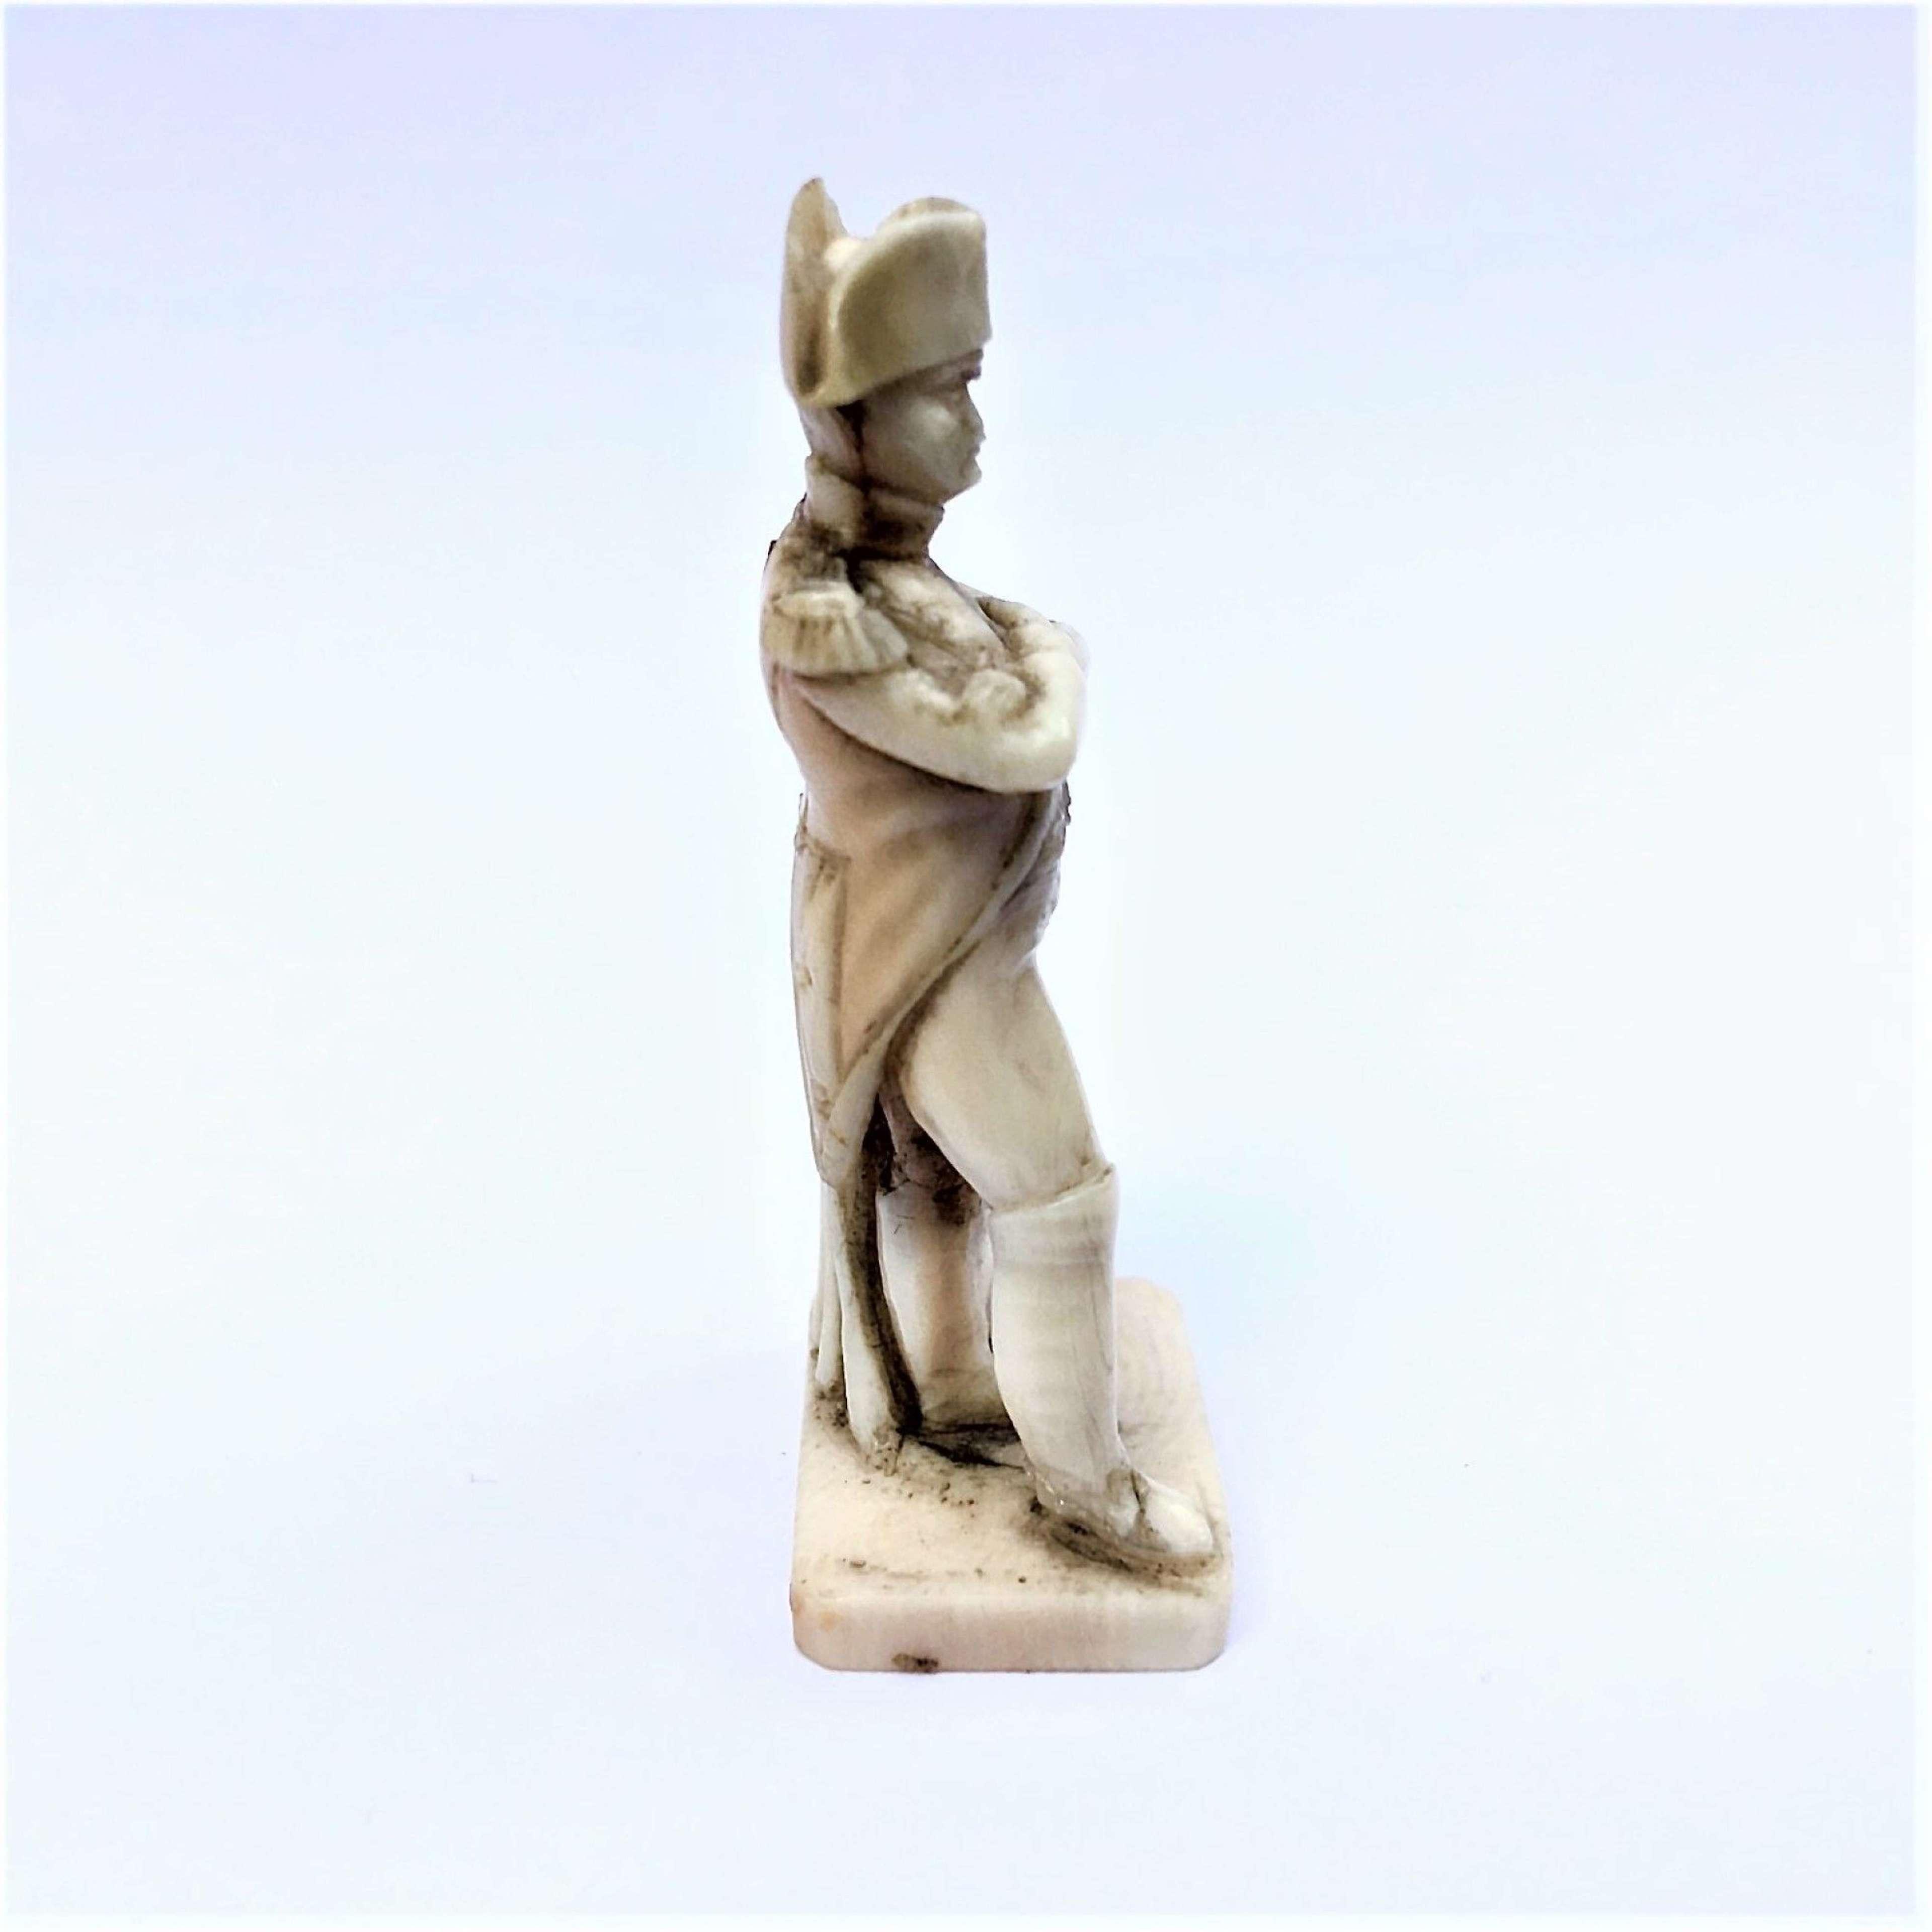 A Miniature Dieppe Bone Carving Of Napoleon Bonaparte In Antique Sculptures